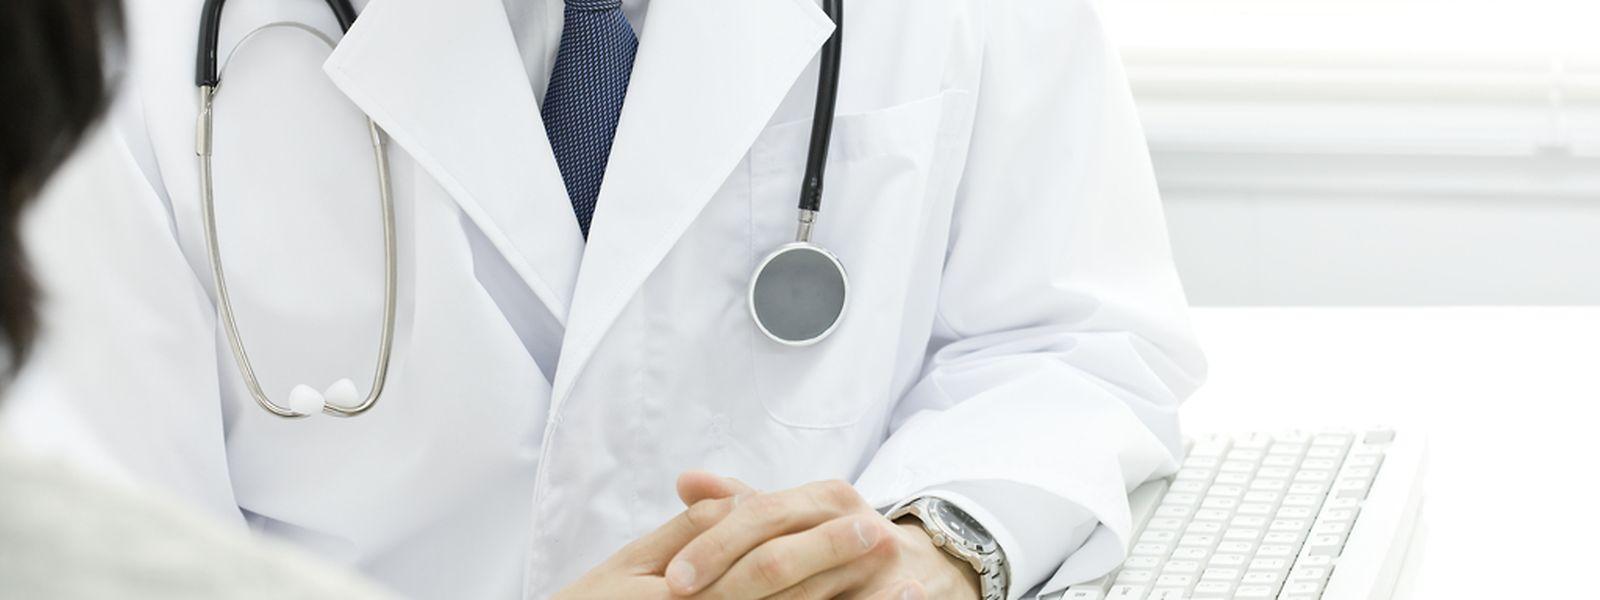 Mehr Einwohner, mehr Senioren mit Pflegebedürfnissen und viele ältere Ärzte, die in Kürze in den Ruhestand treten könnten: Die Oppositionsabgeordneten und die AMMD warnen vor einem Ärztemangel.